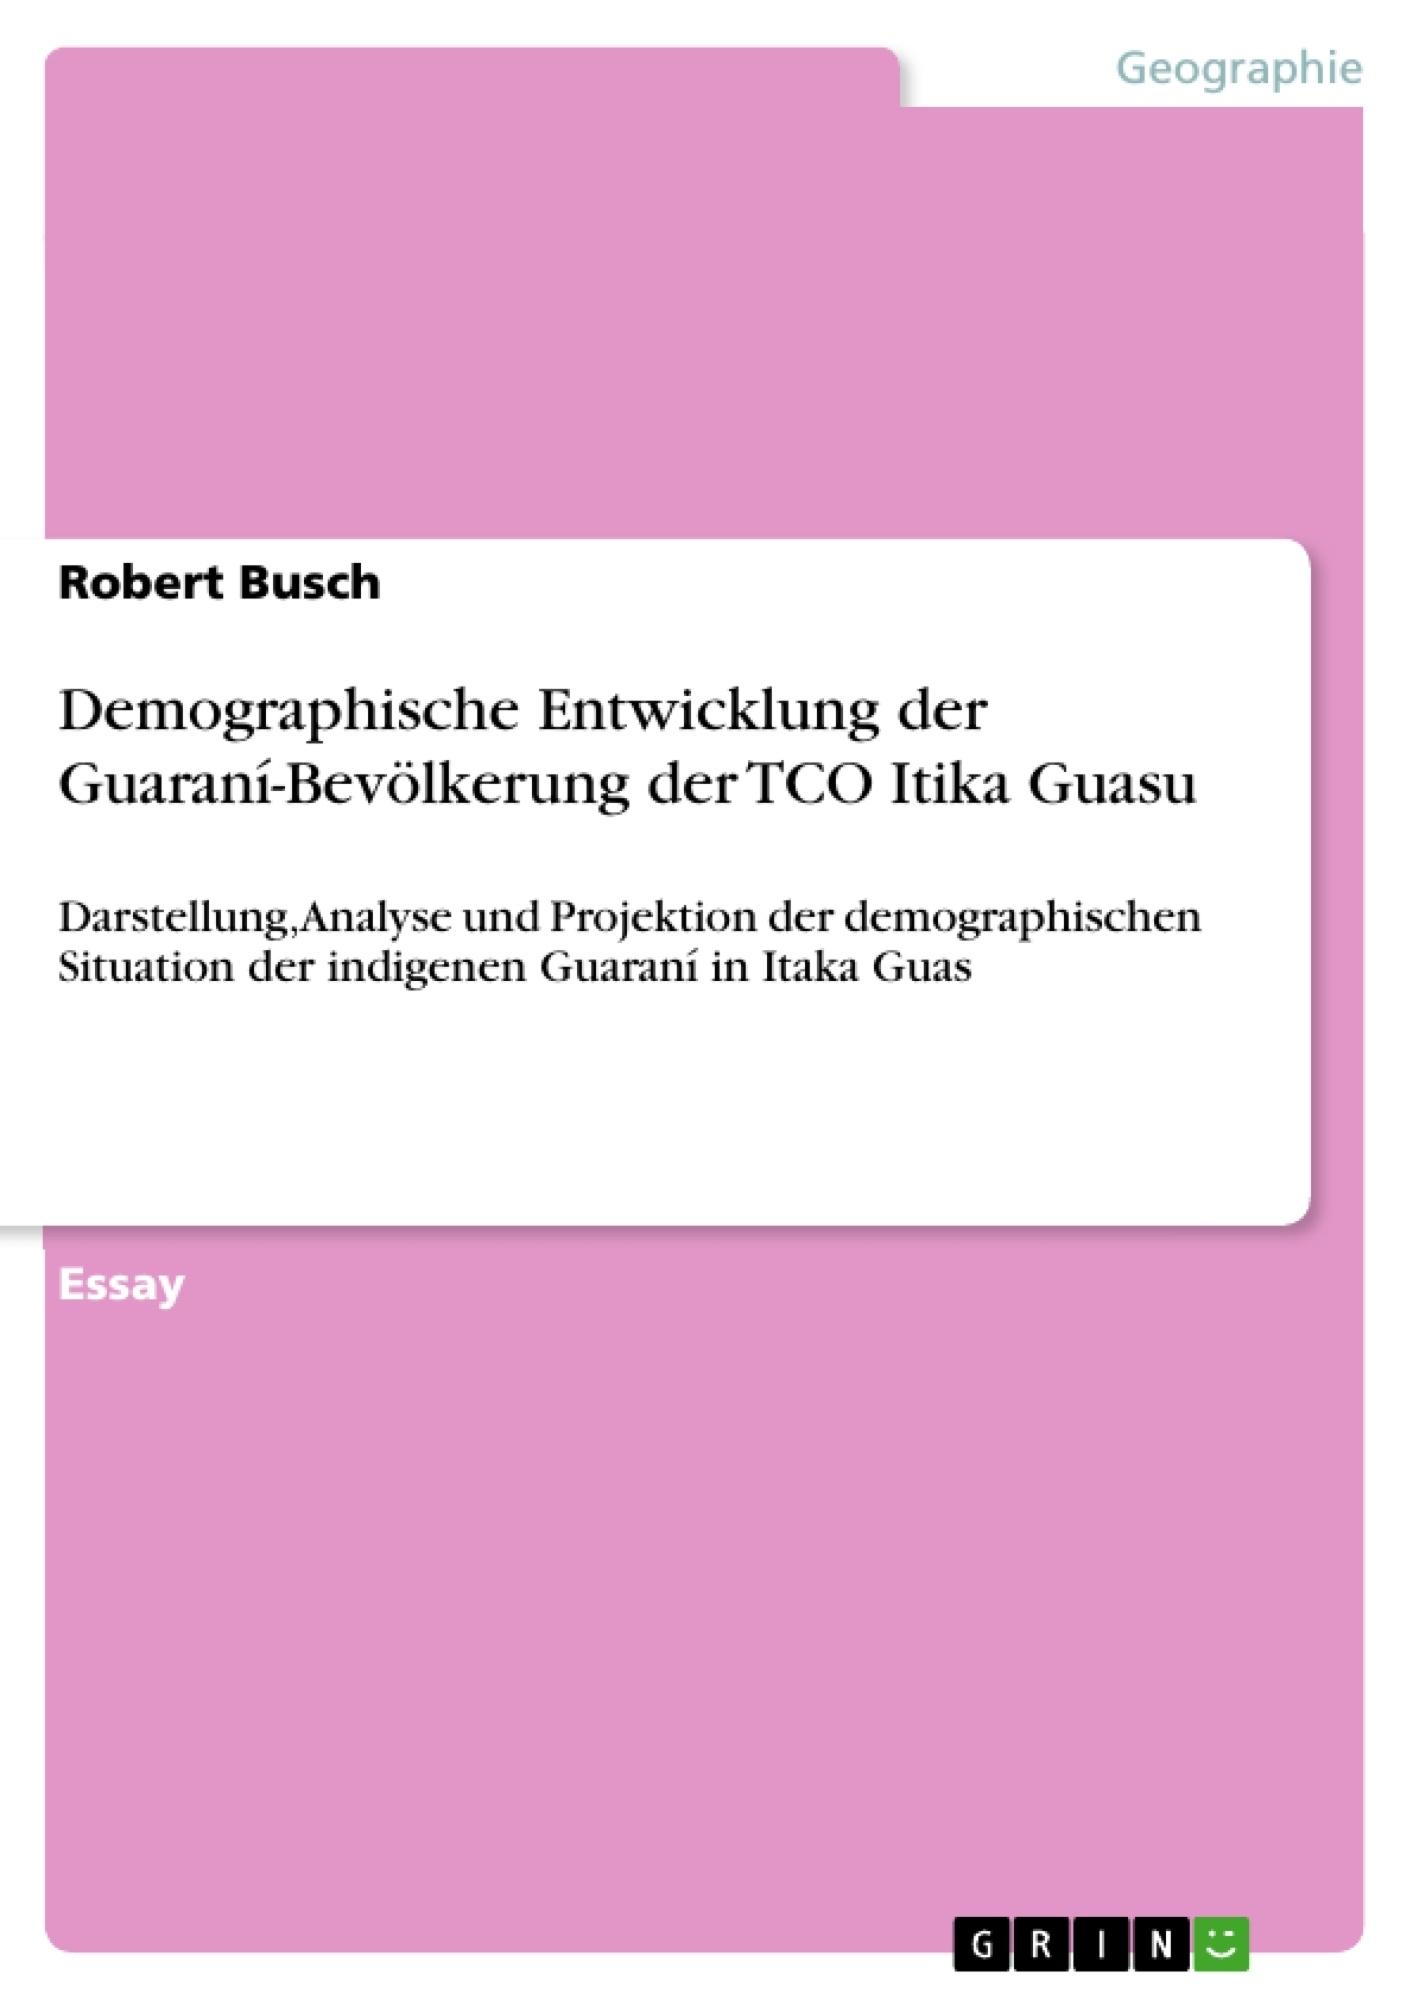 Titel: Demographische Entwicklung der Guaraní-Bevölkerung der TCO Itika Guasu